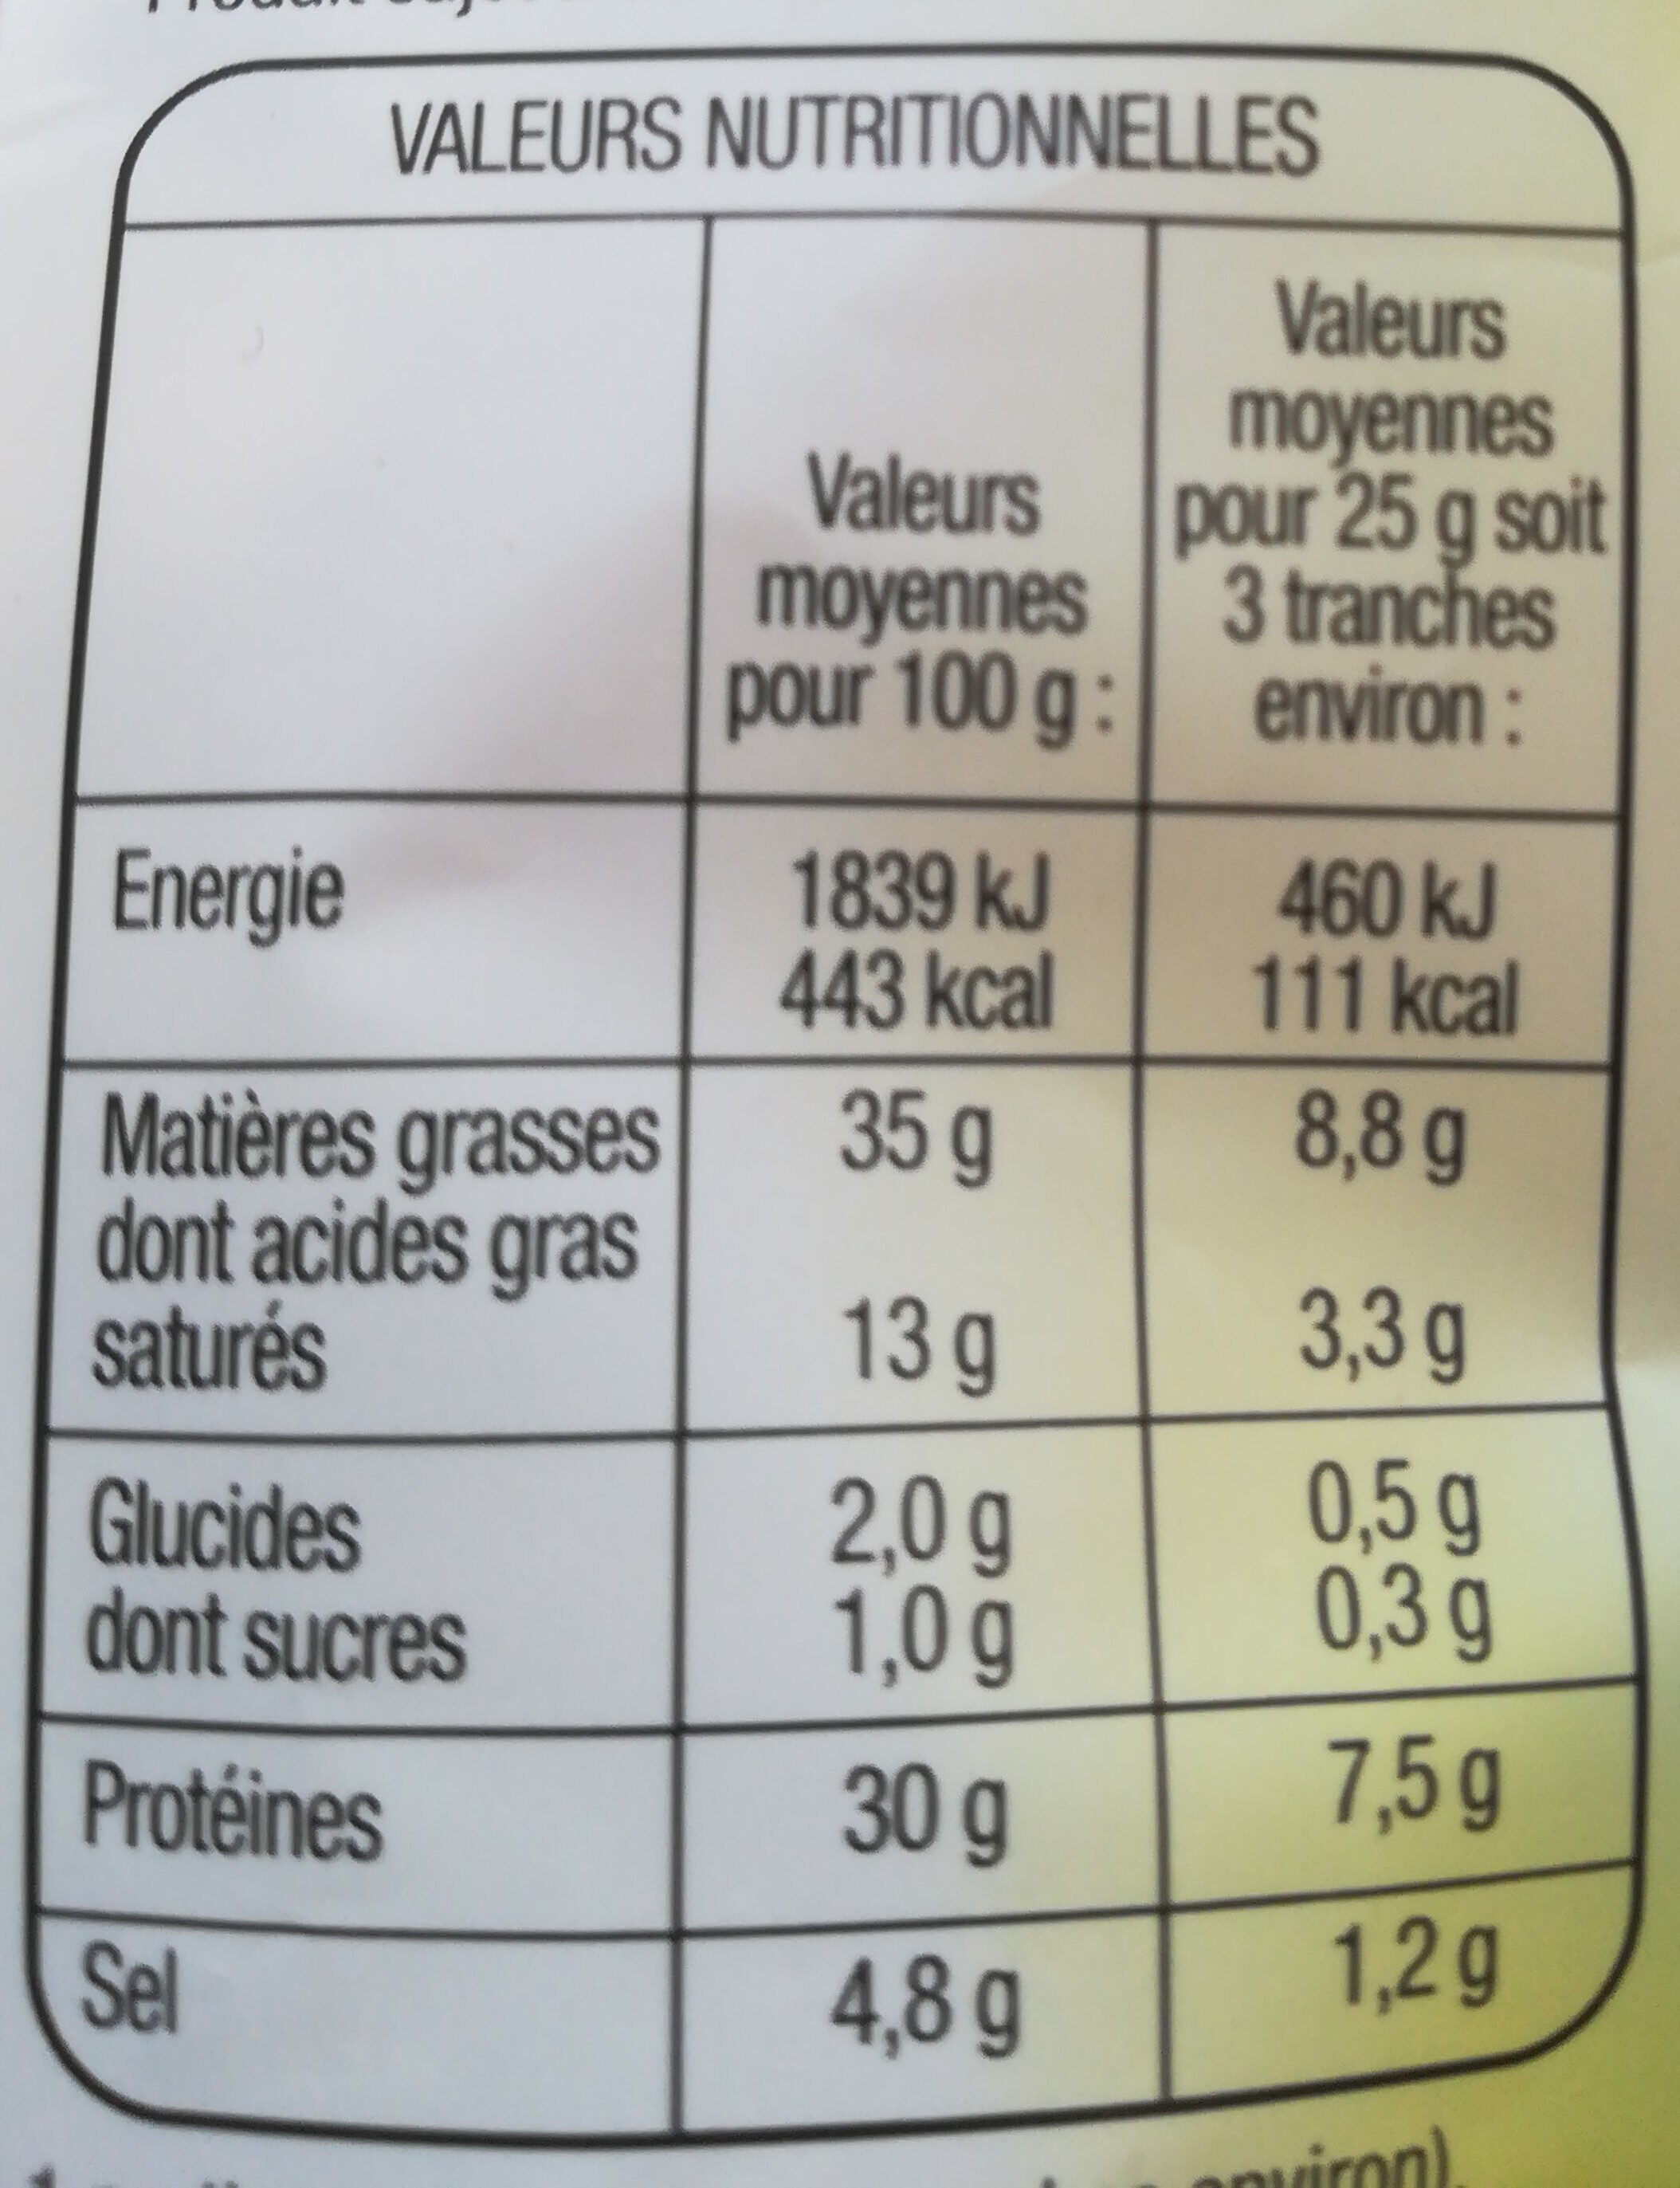 Saucisson sec - Nutrition facts